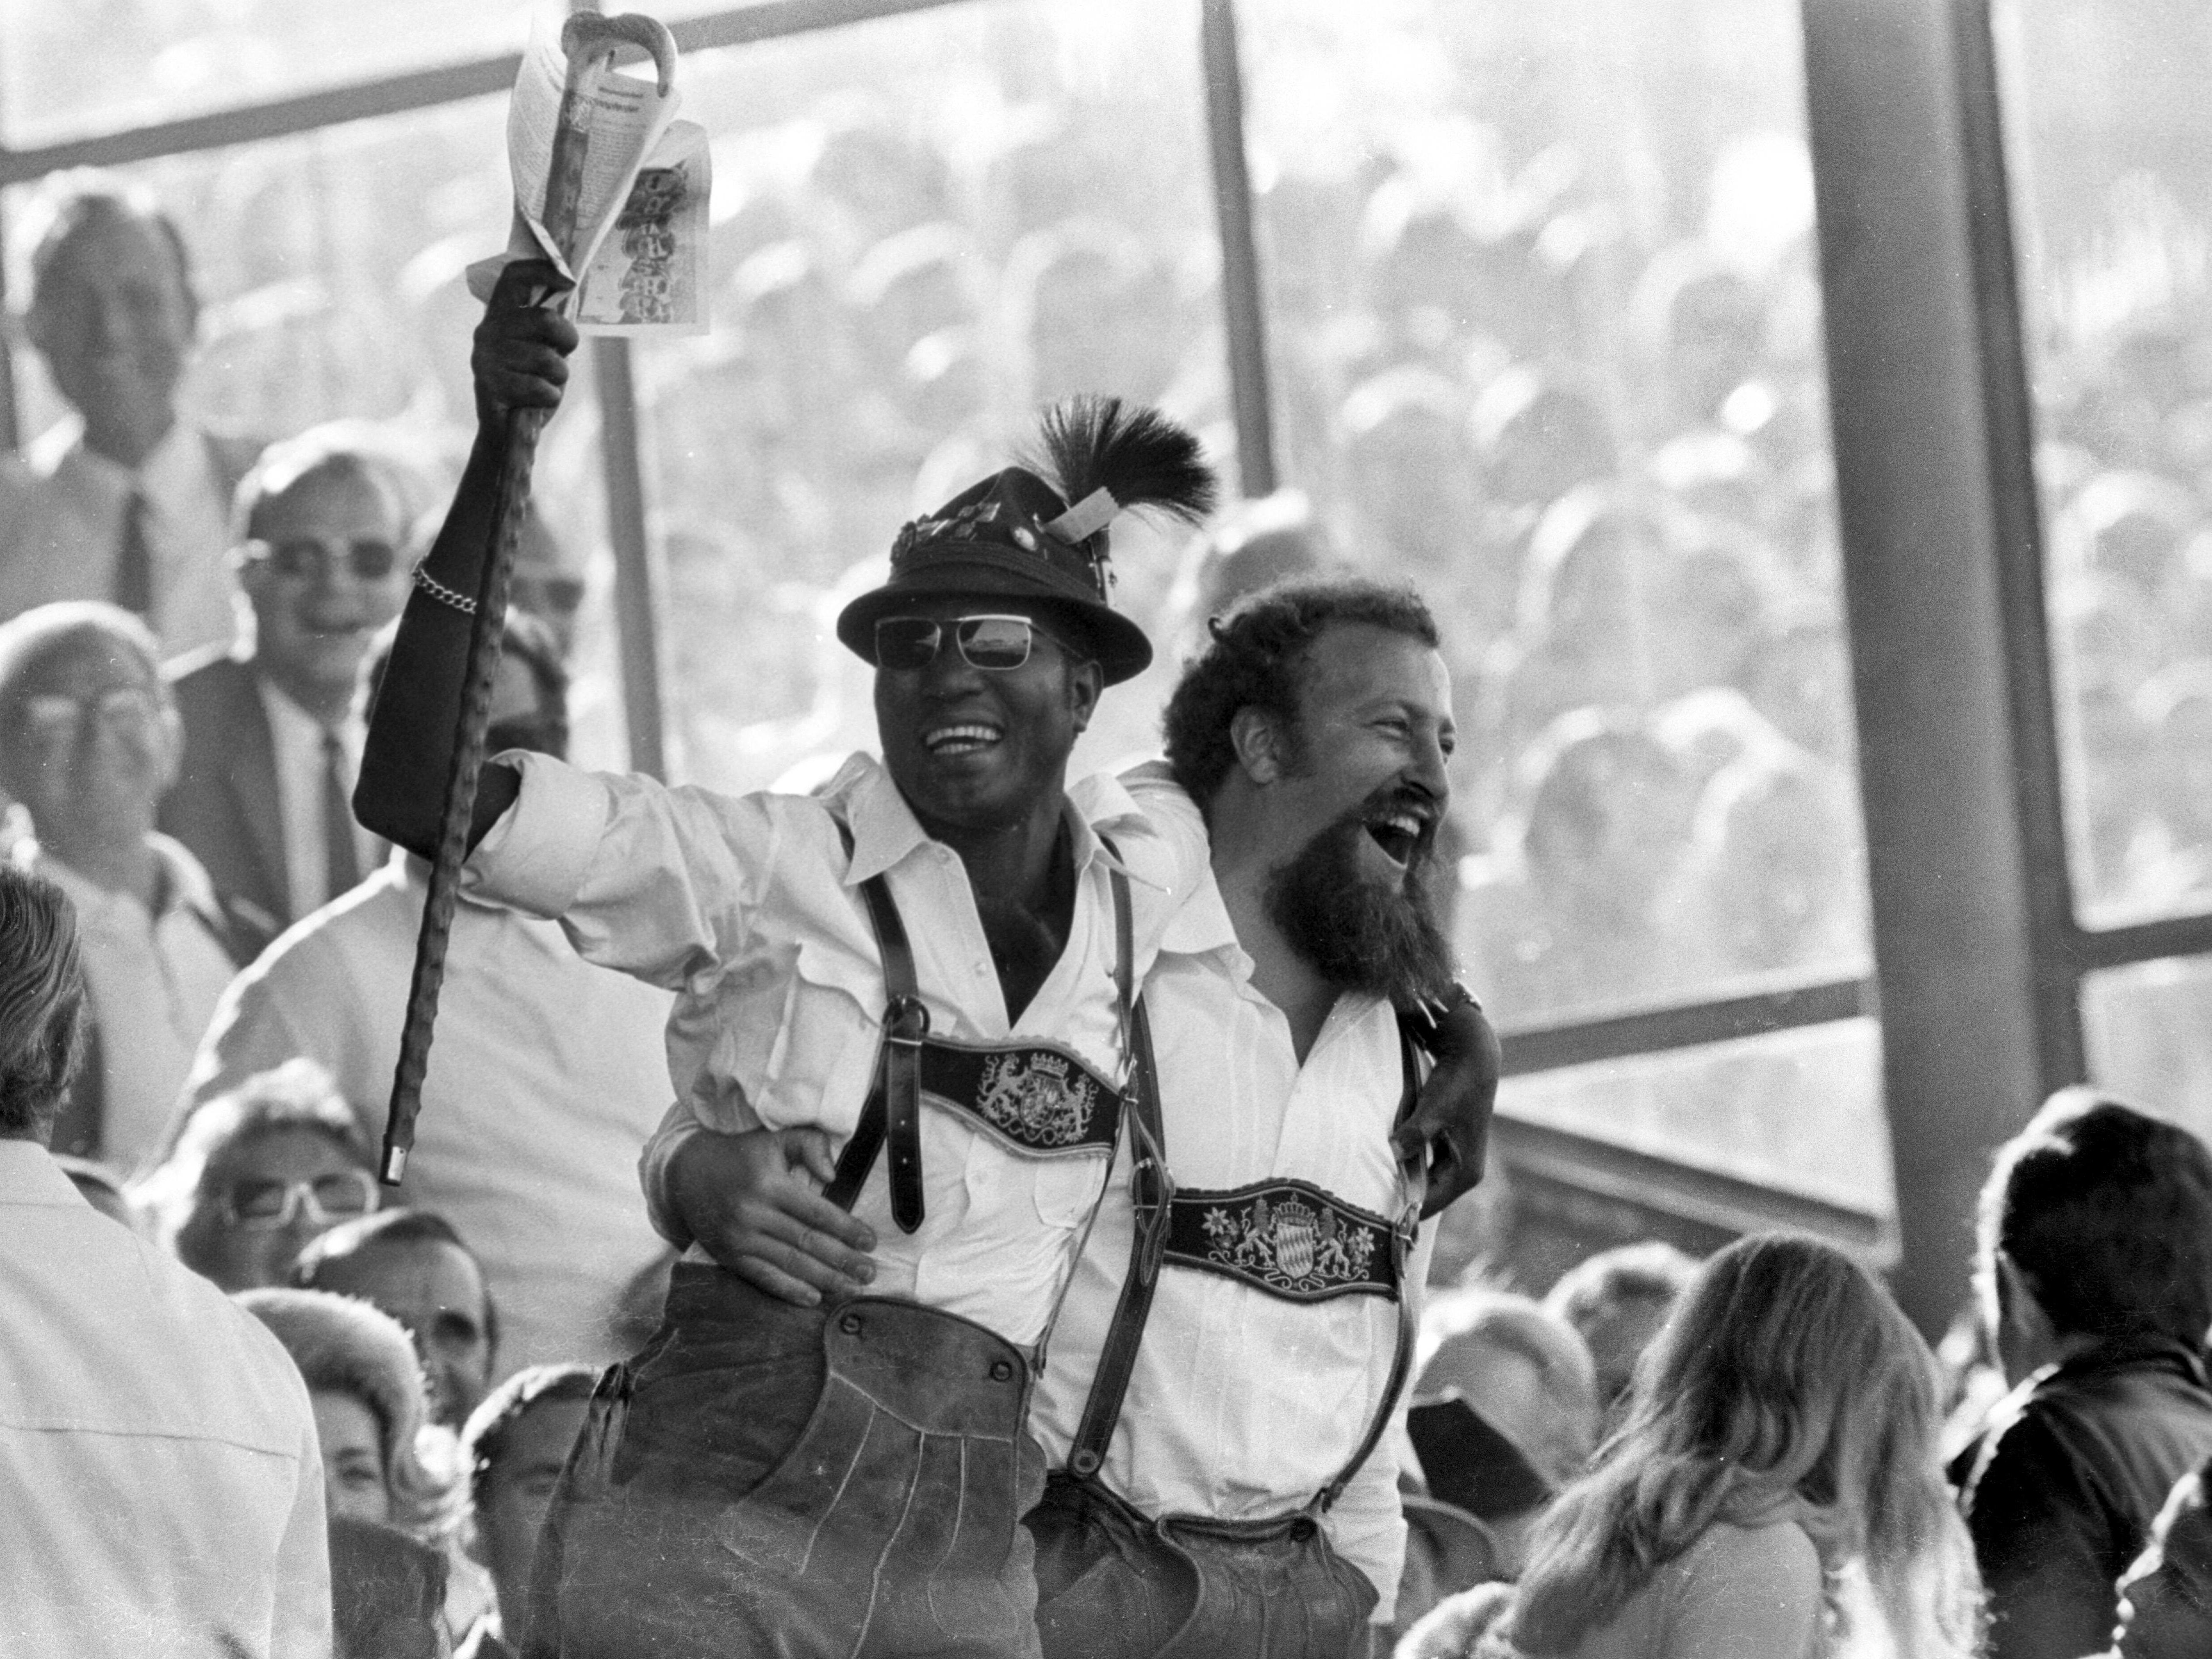 Tracht auf Tribüne: Fans des FC Bayern 1970.